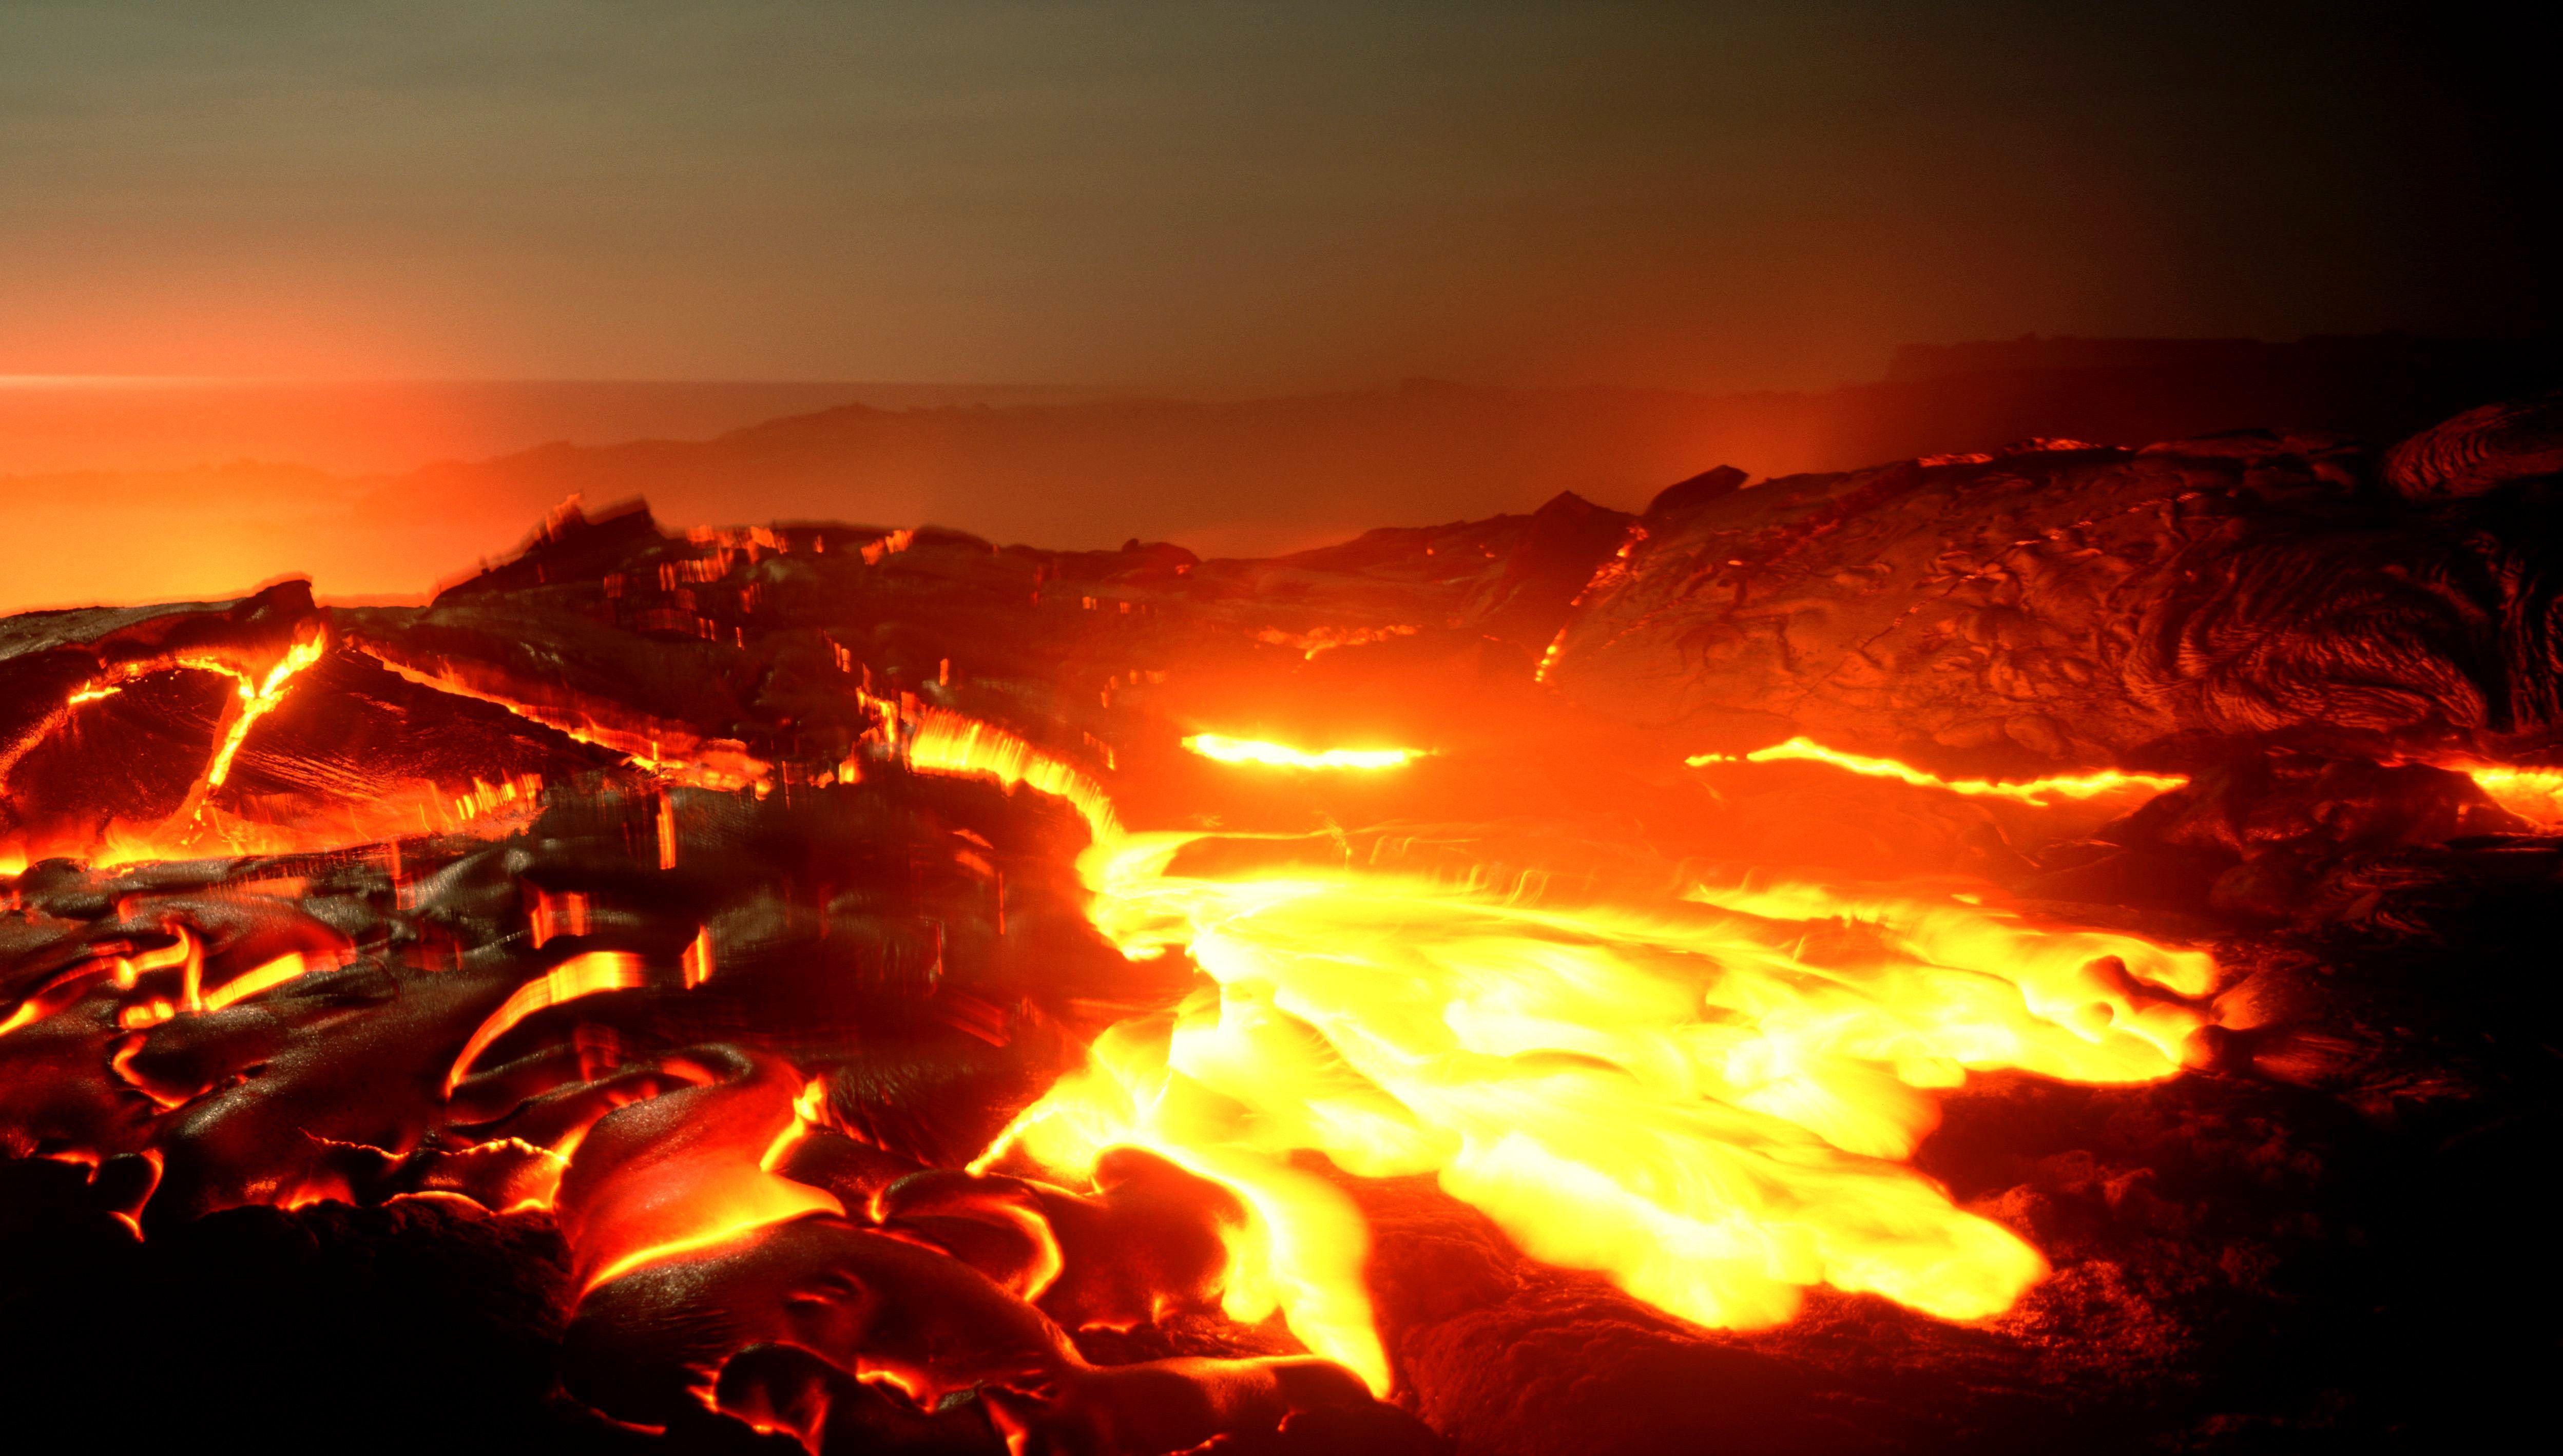 lava wallpaper - photo #15